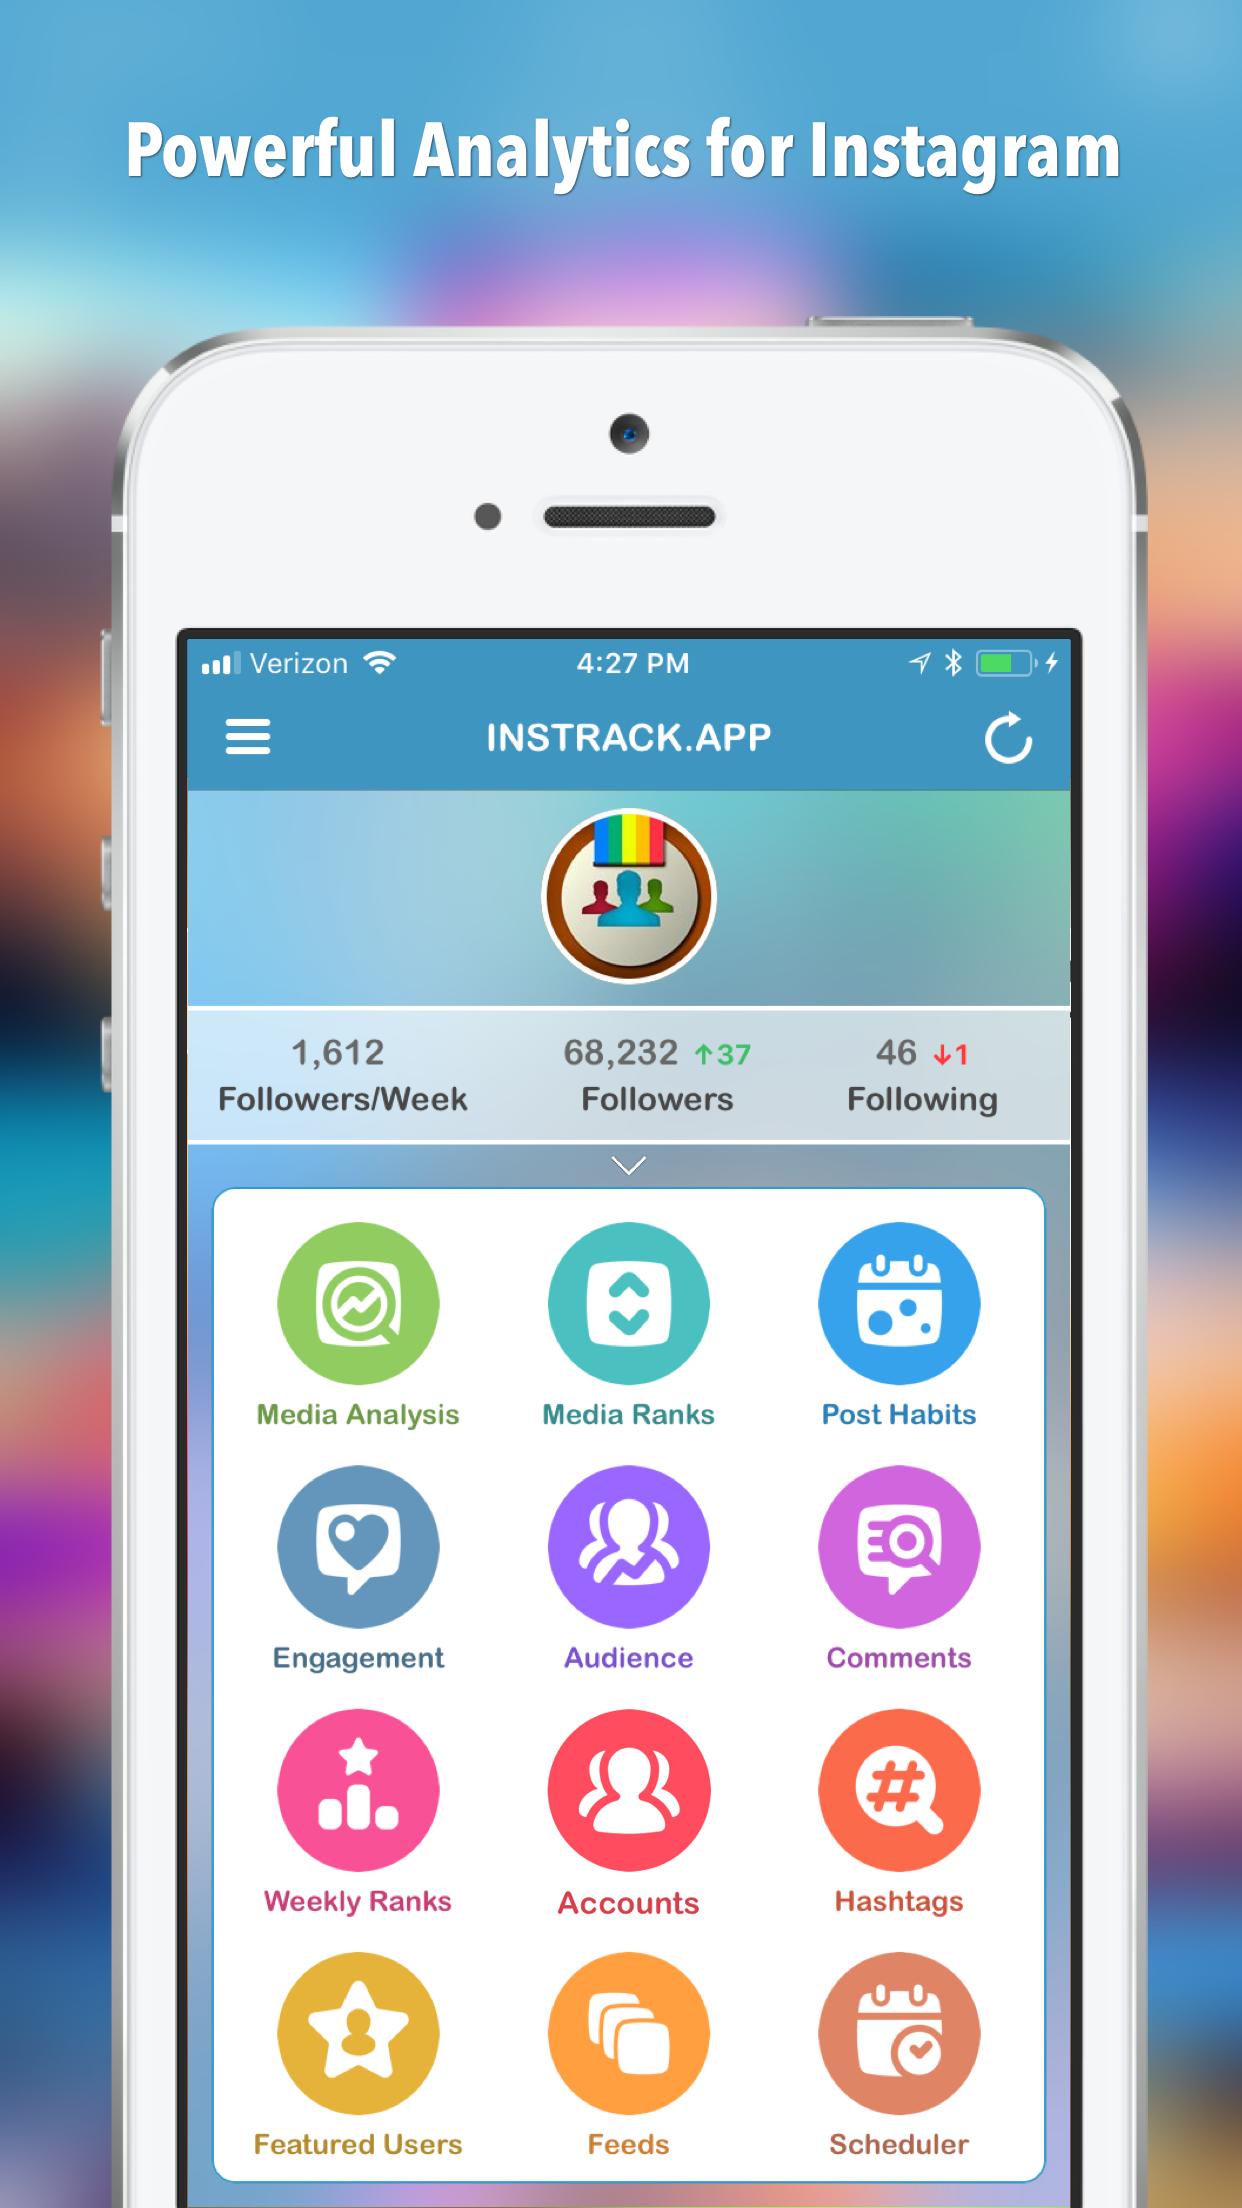 InsTrack for Instagram Screenshot